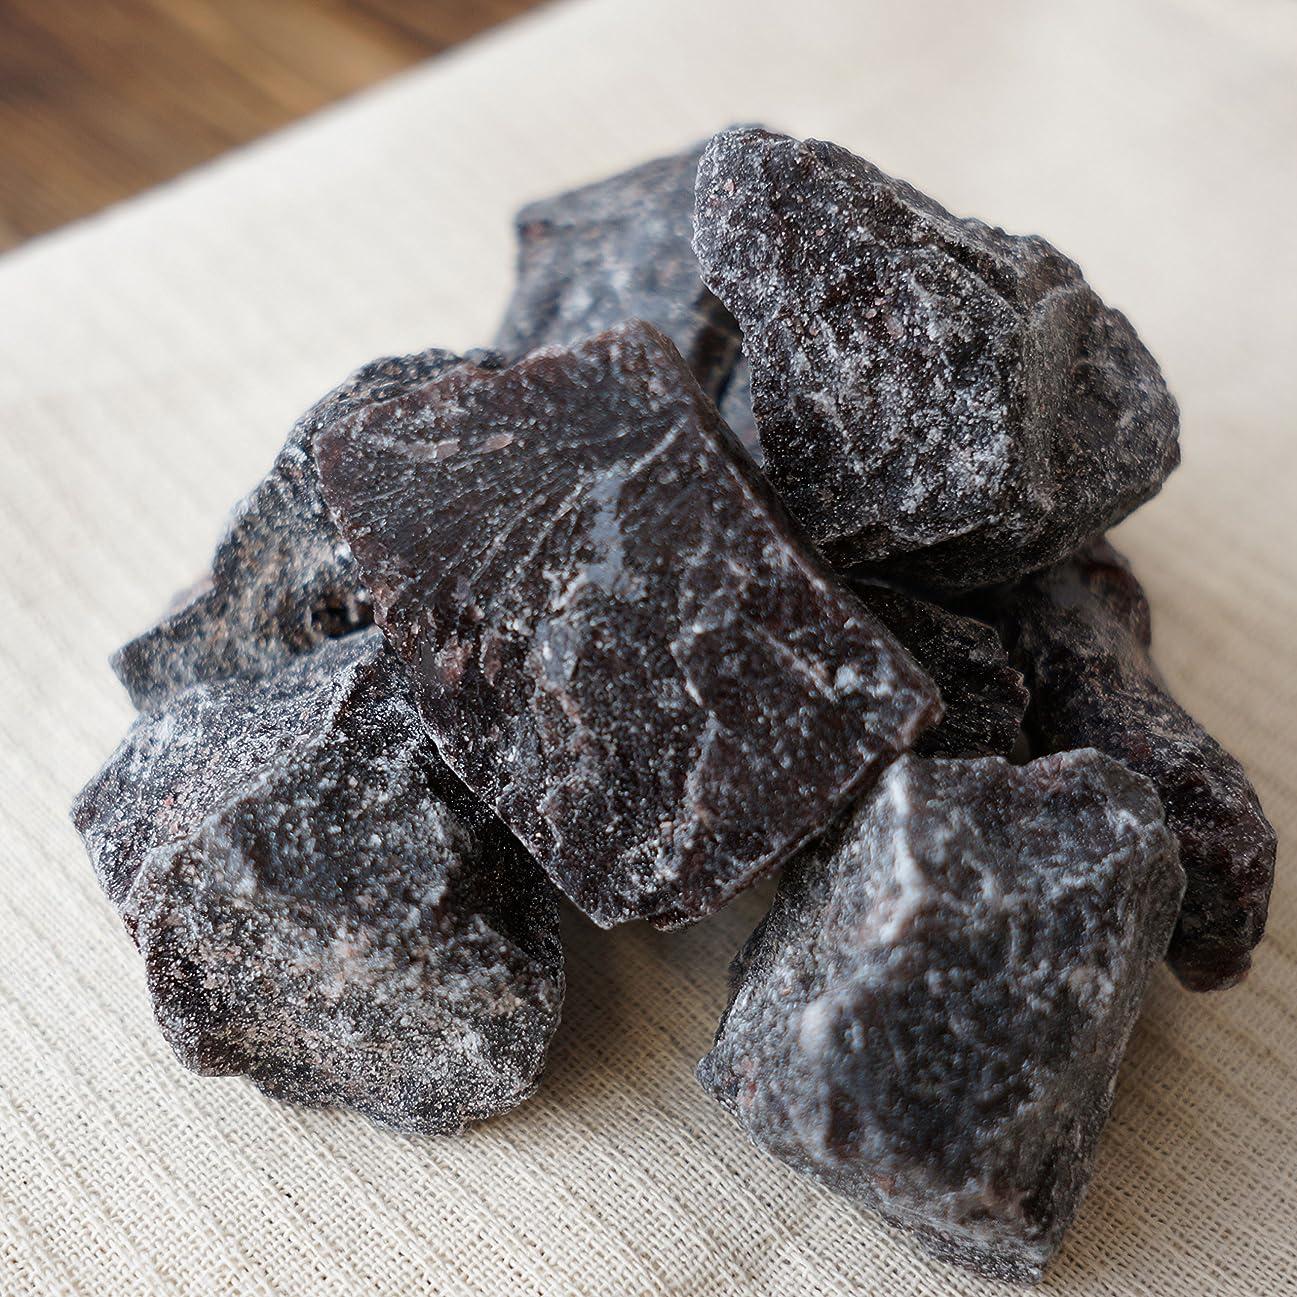 安全性芽テスト希少 インド岩塩 ルビー ブロック 約2-5cm 20kg 20,000g 原料